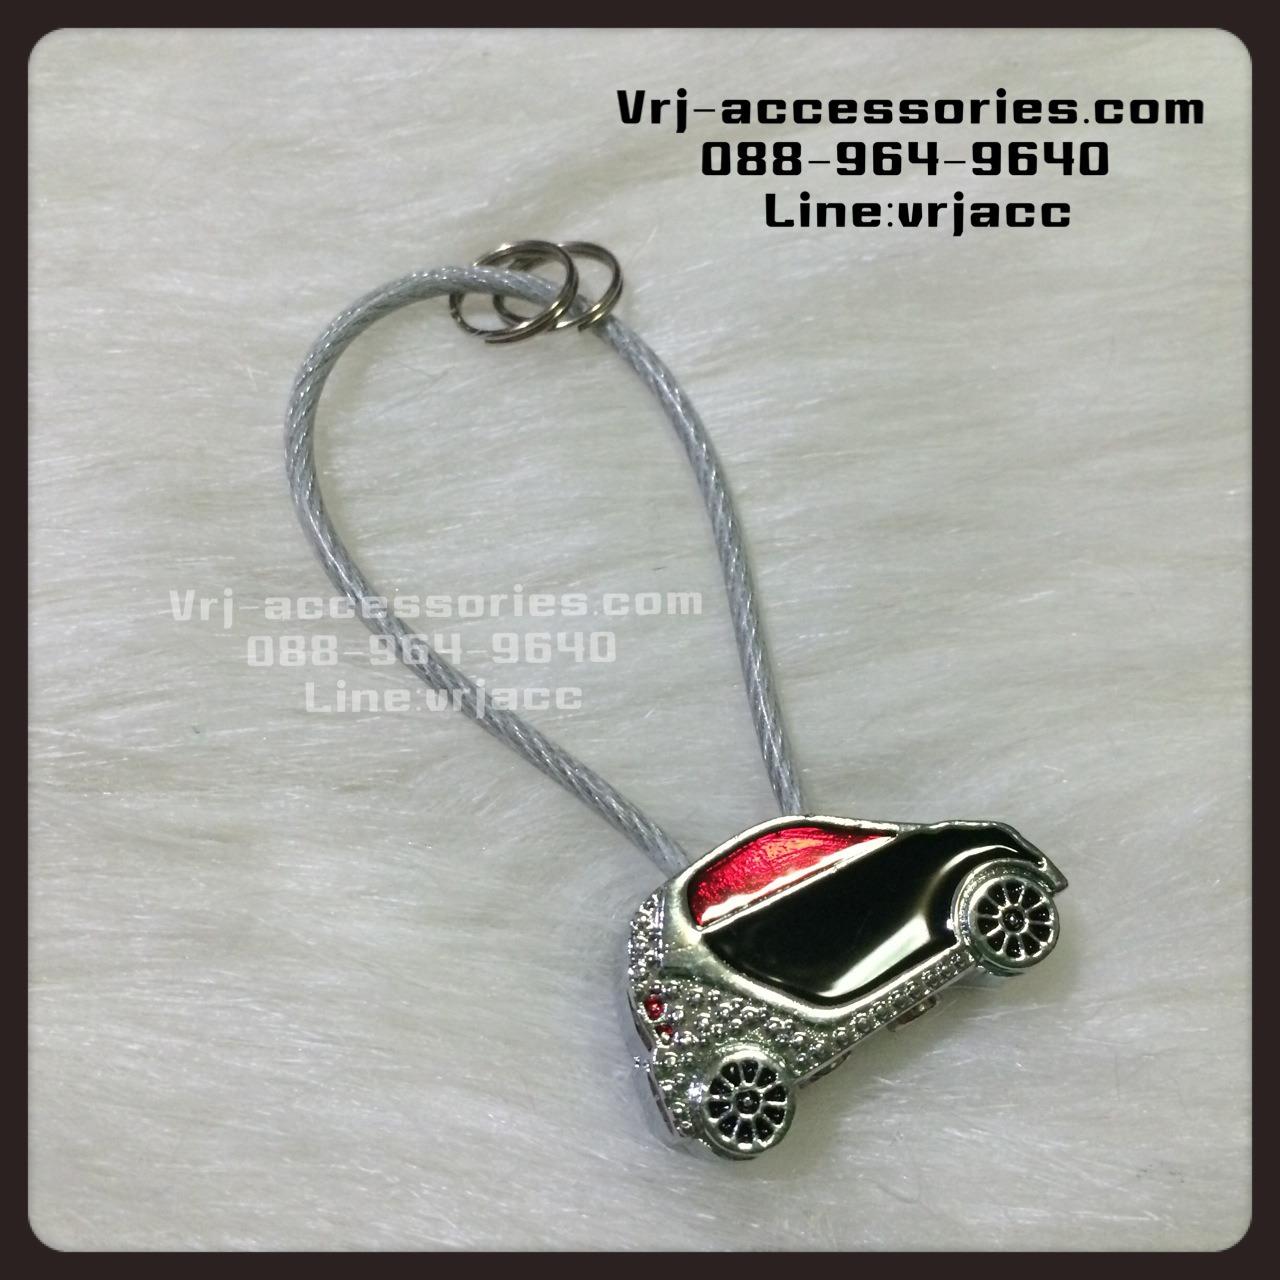 พวงกุญแจ สายคล้องพวงกุญแจsling ลายรถ:Car keychain